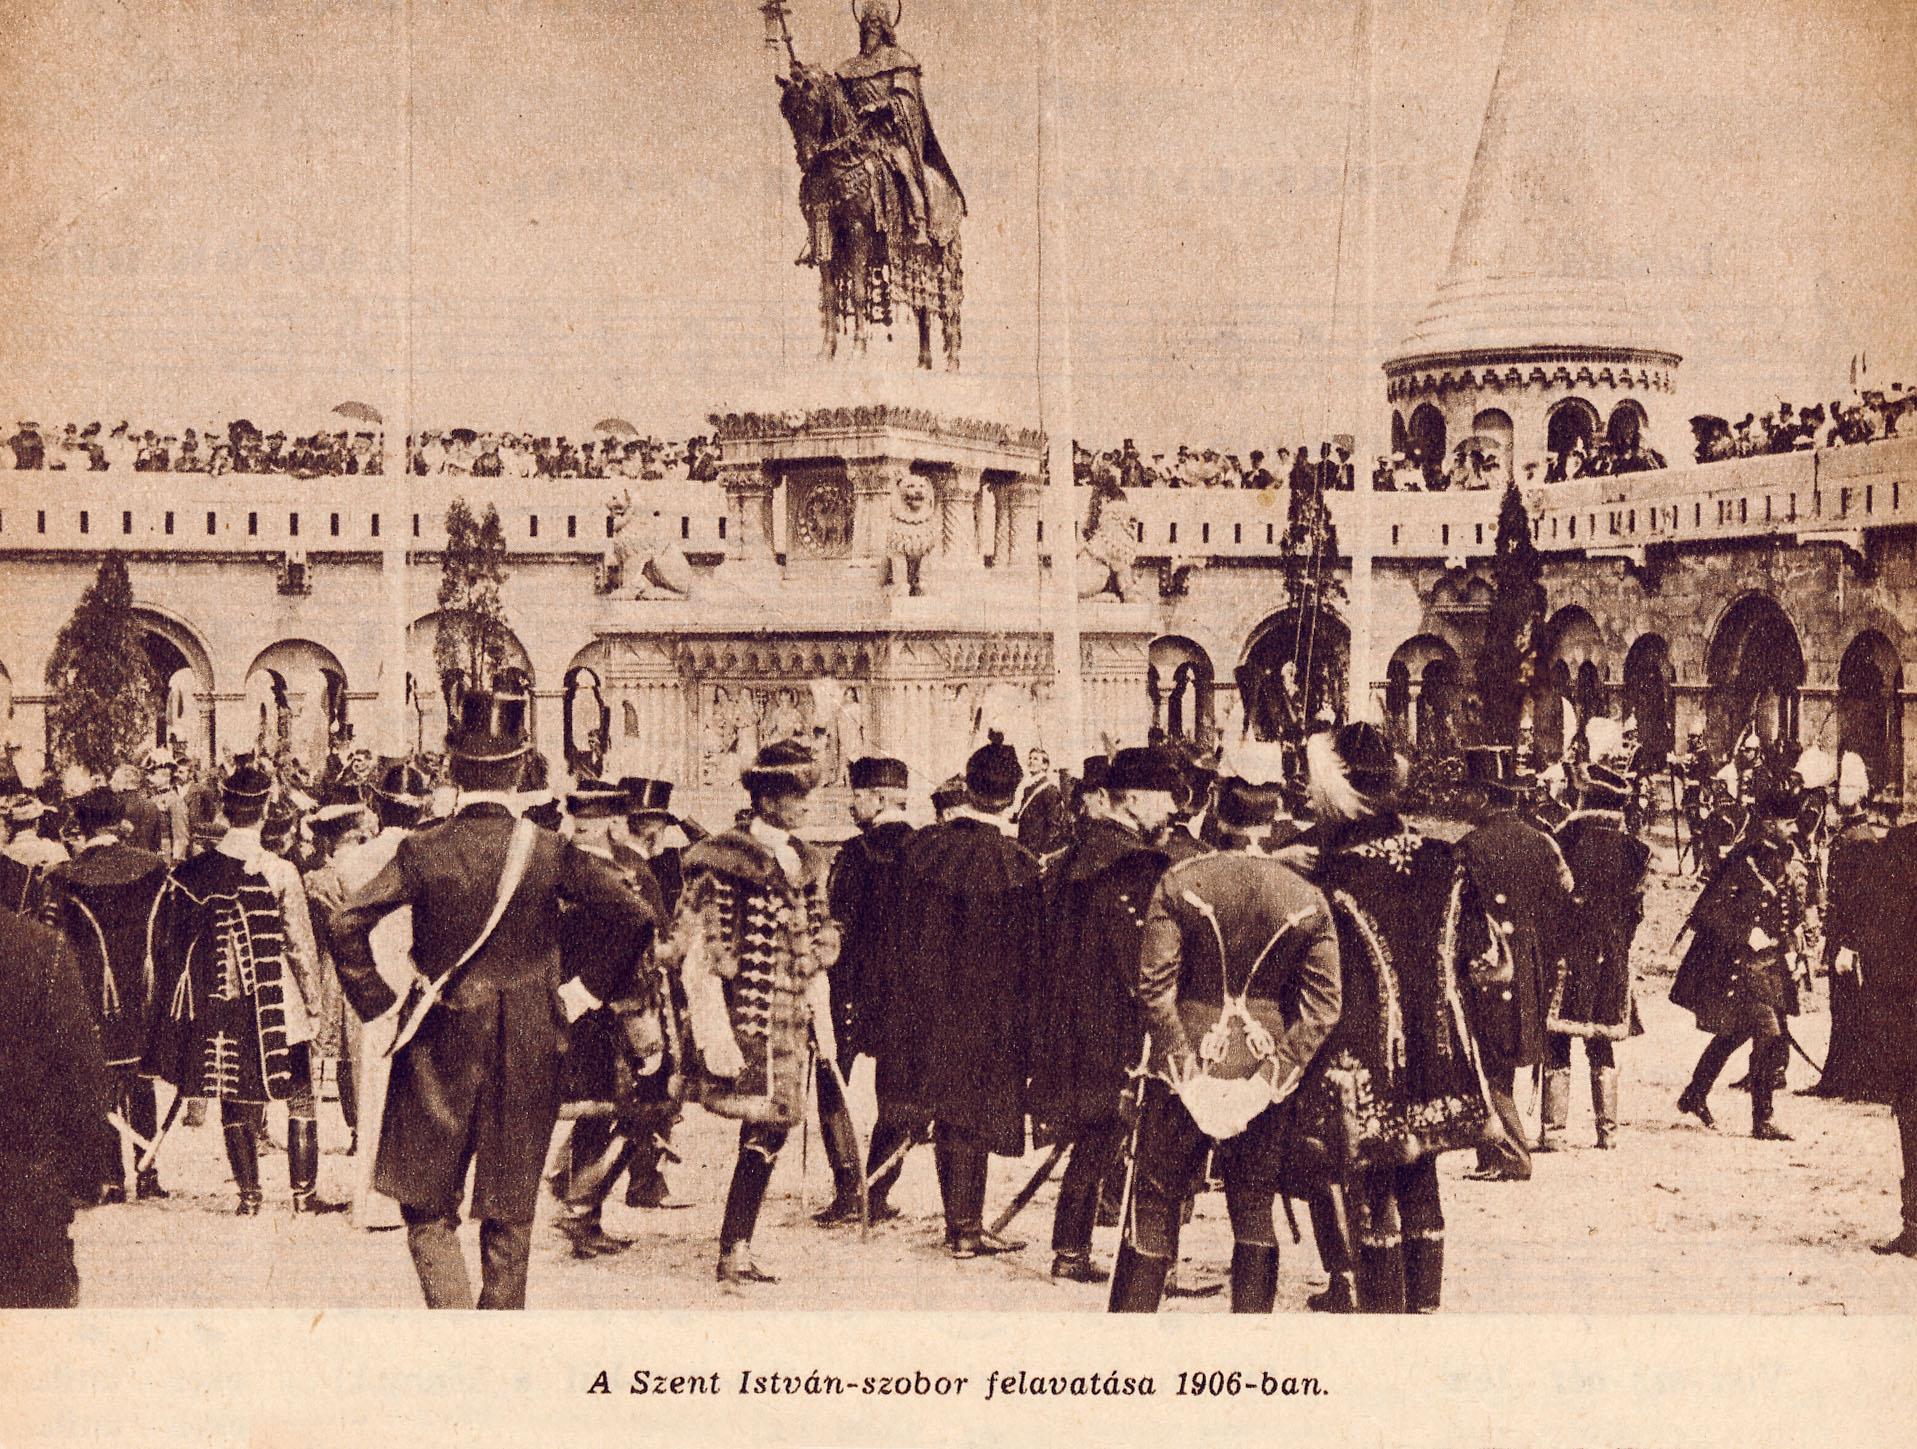 halaszbastya_szt_istvan_szobor_avatasa_1906_2.jpg